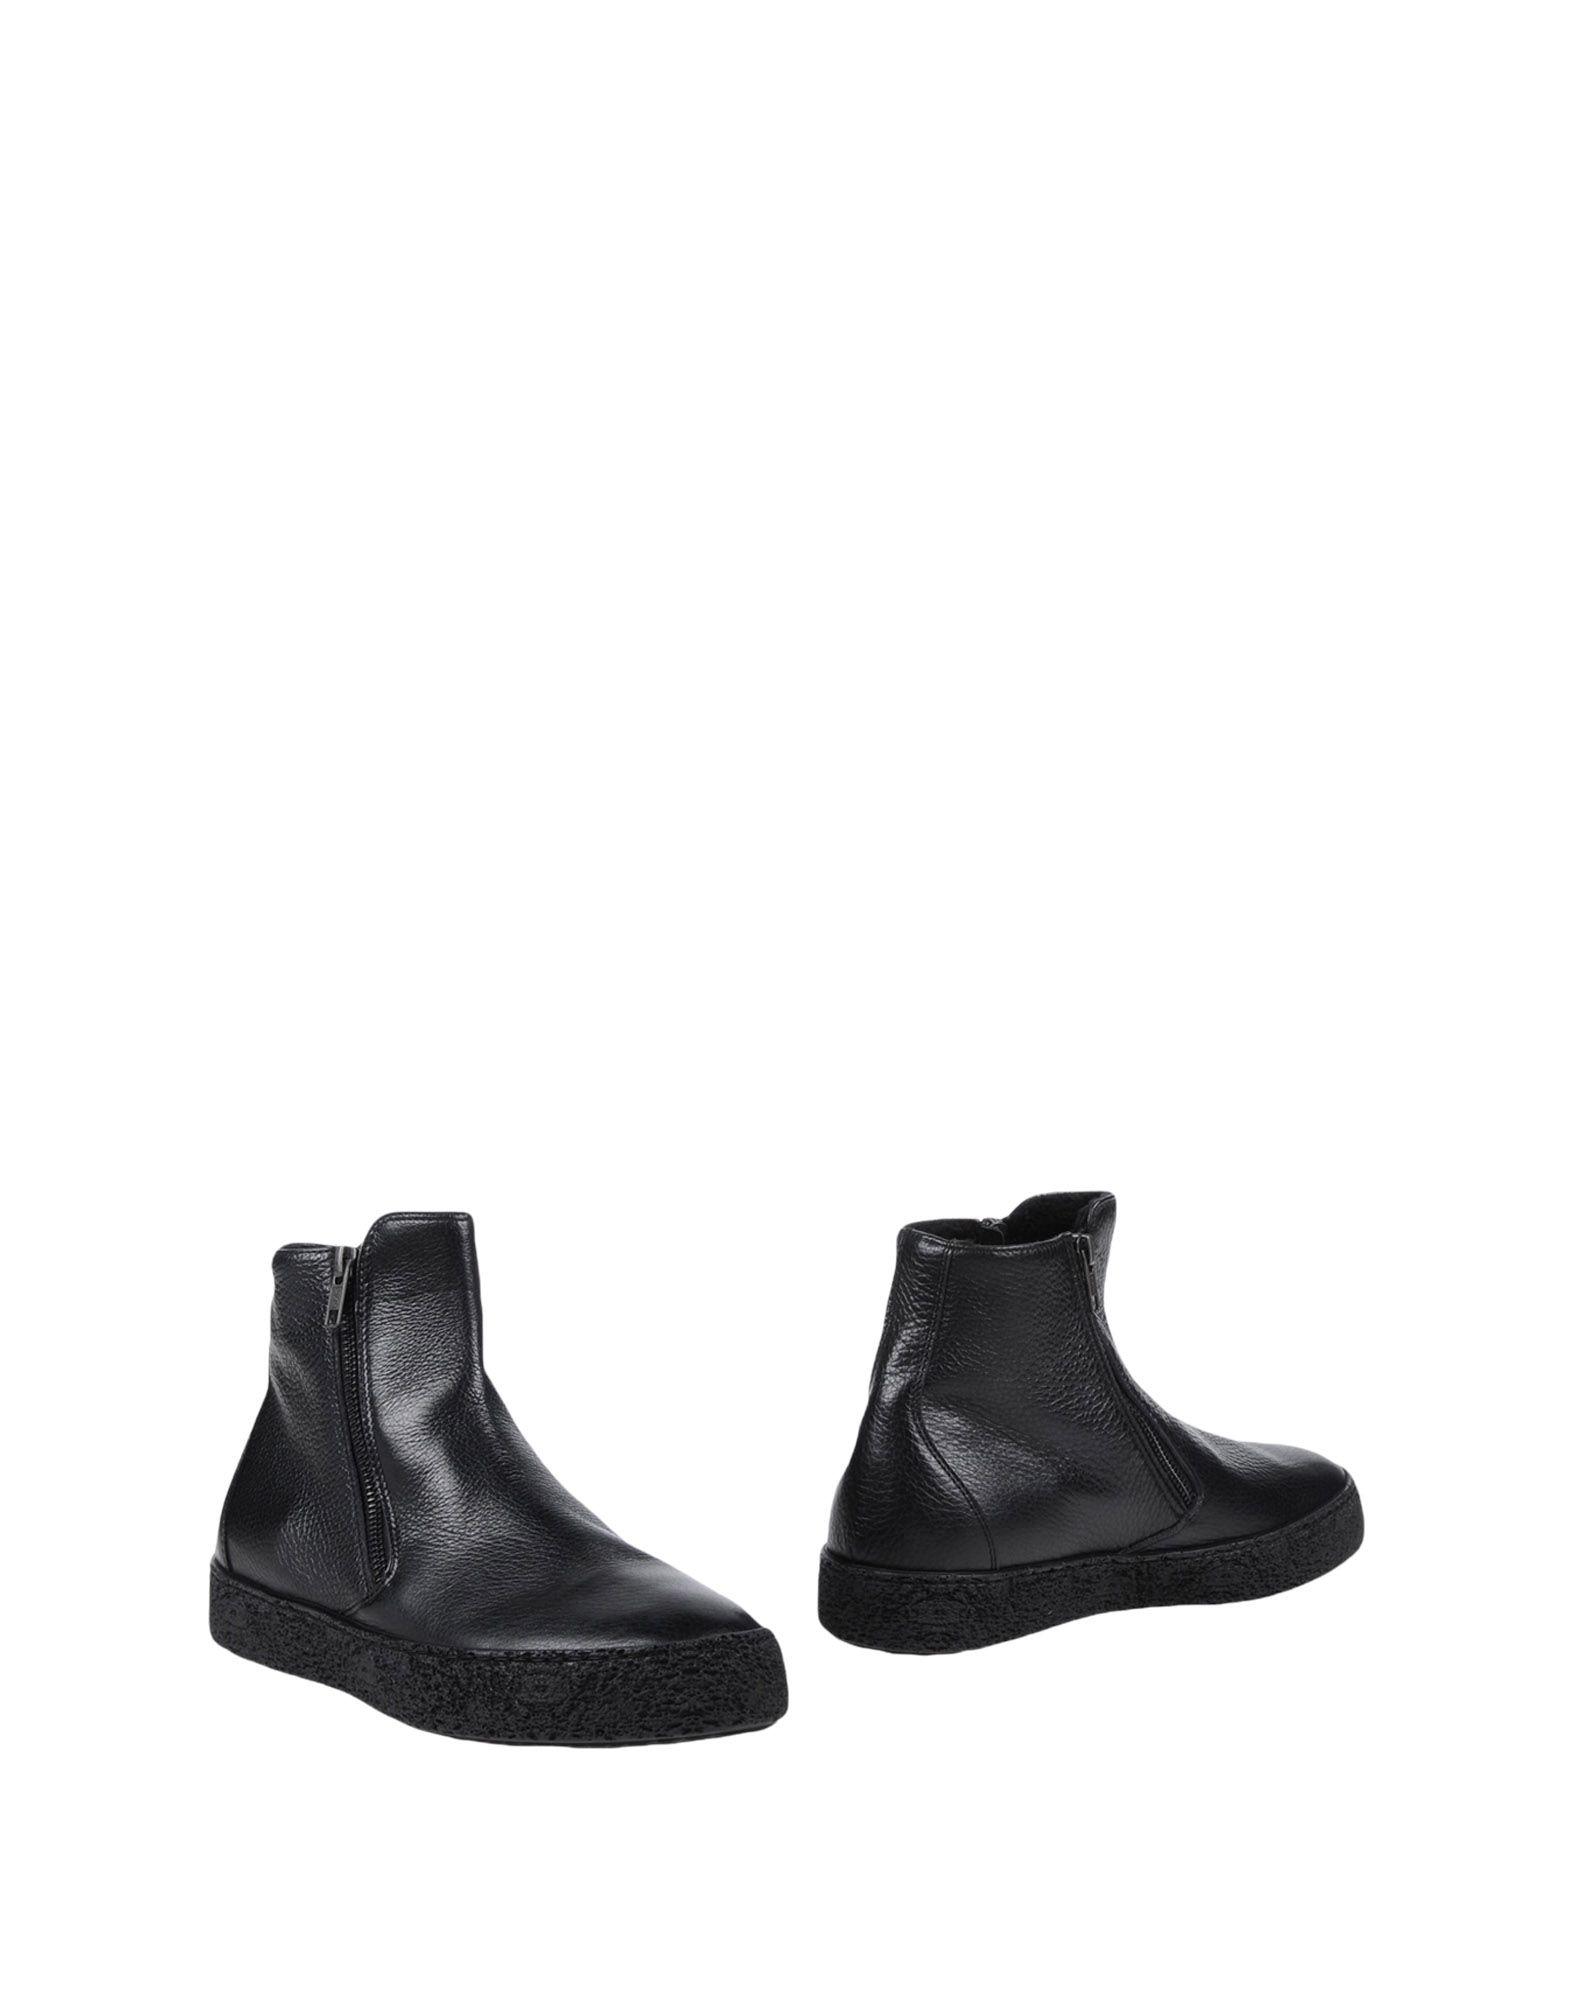 Alexander Hotto Stiefelette Herren  11451662VF Gute Qualität beliebte Schuhe